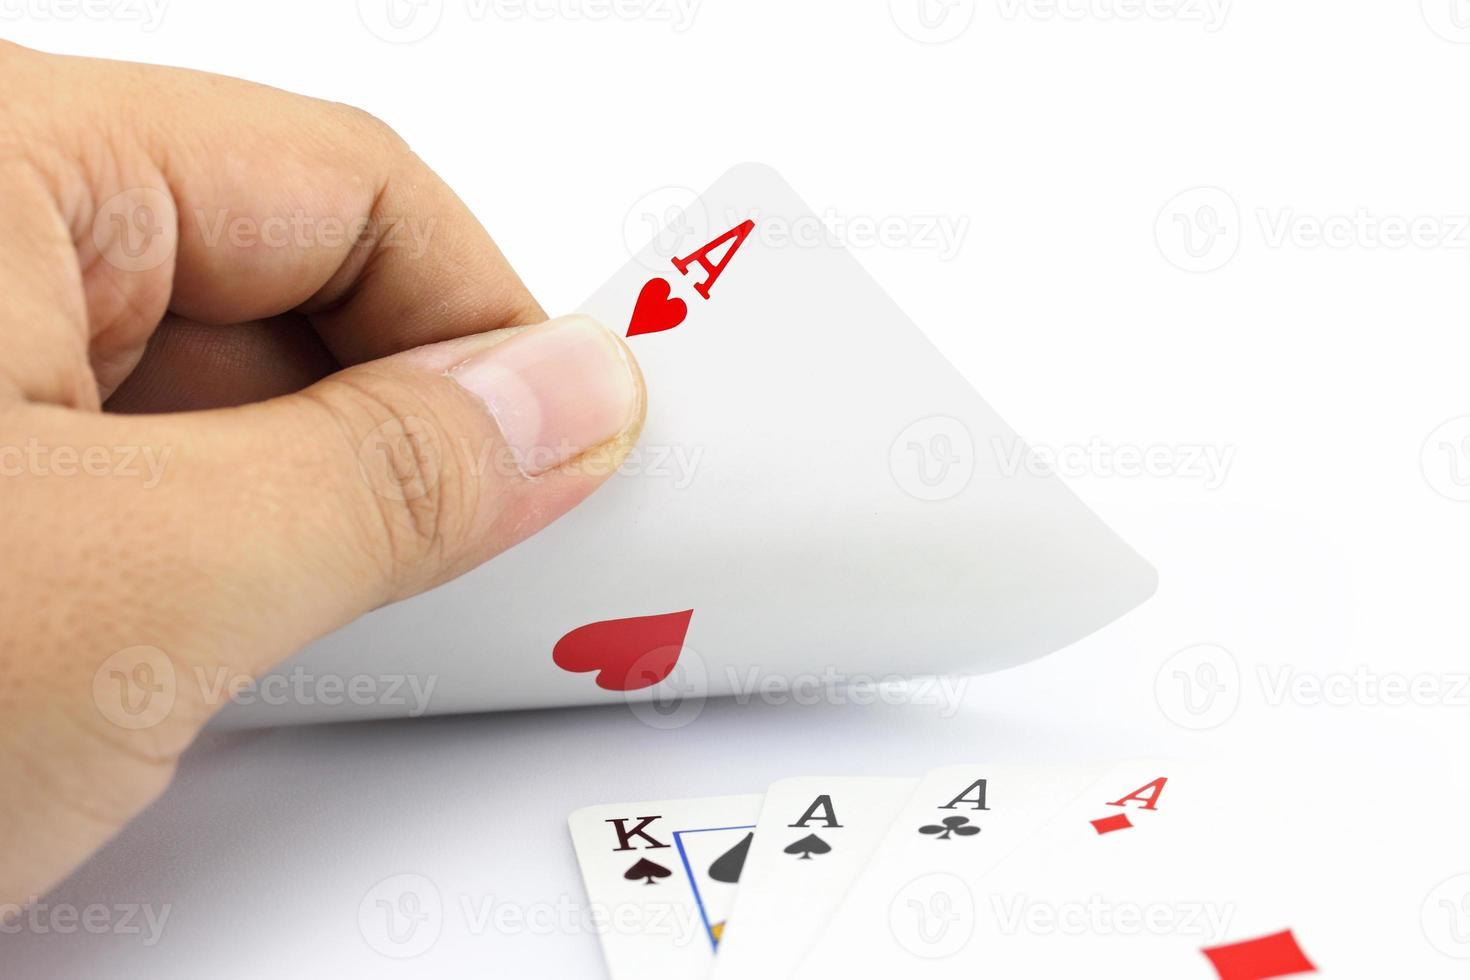 aas van hart in poker foto